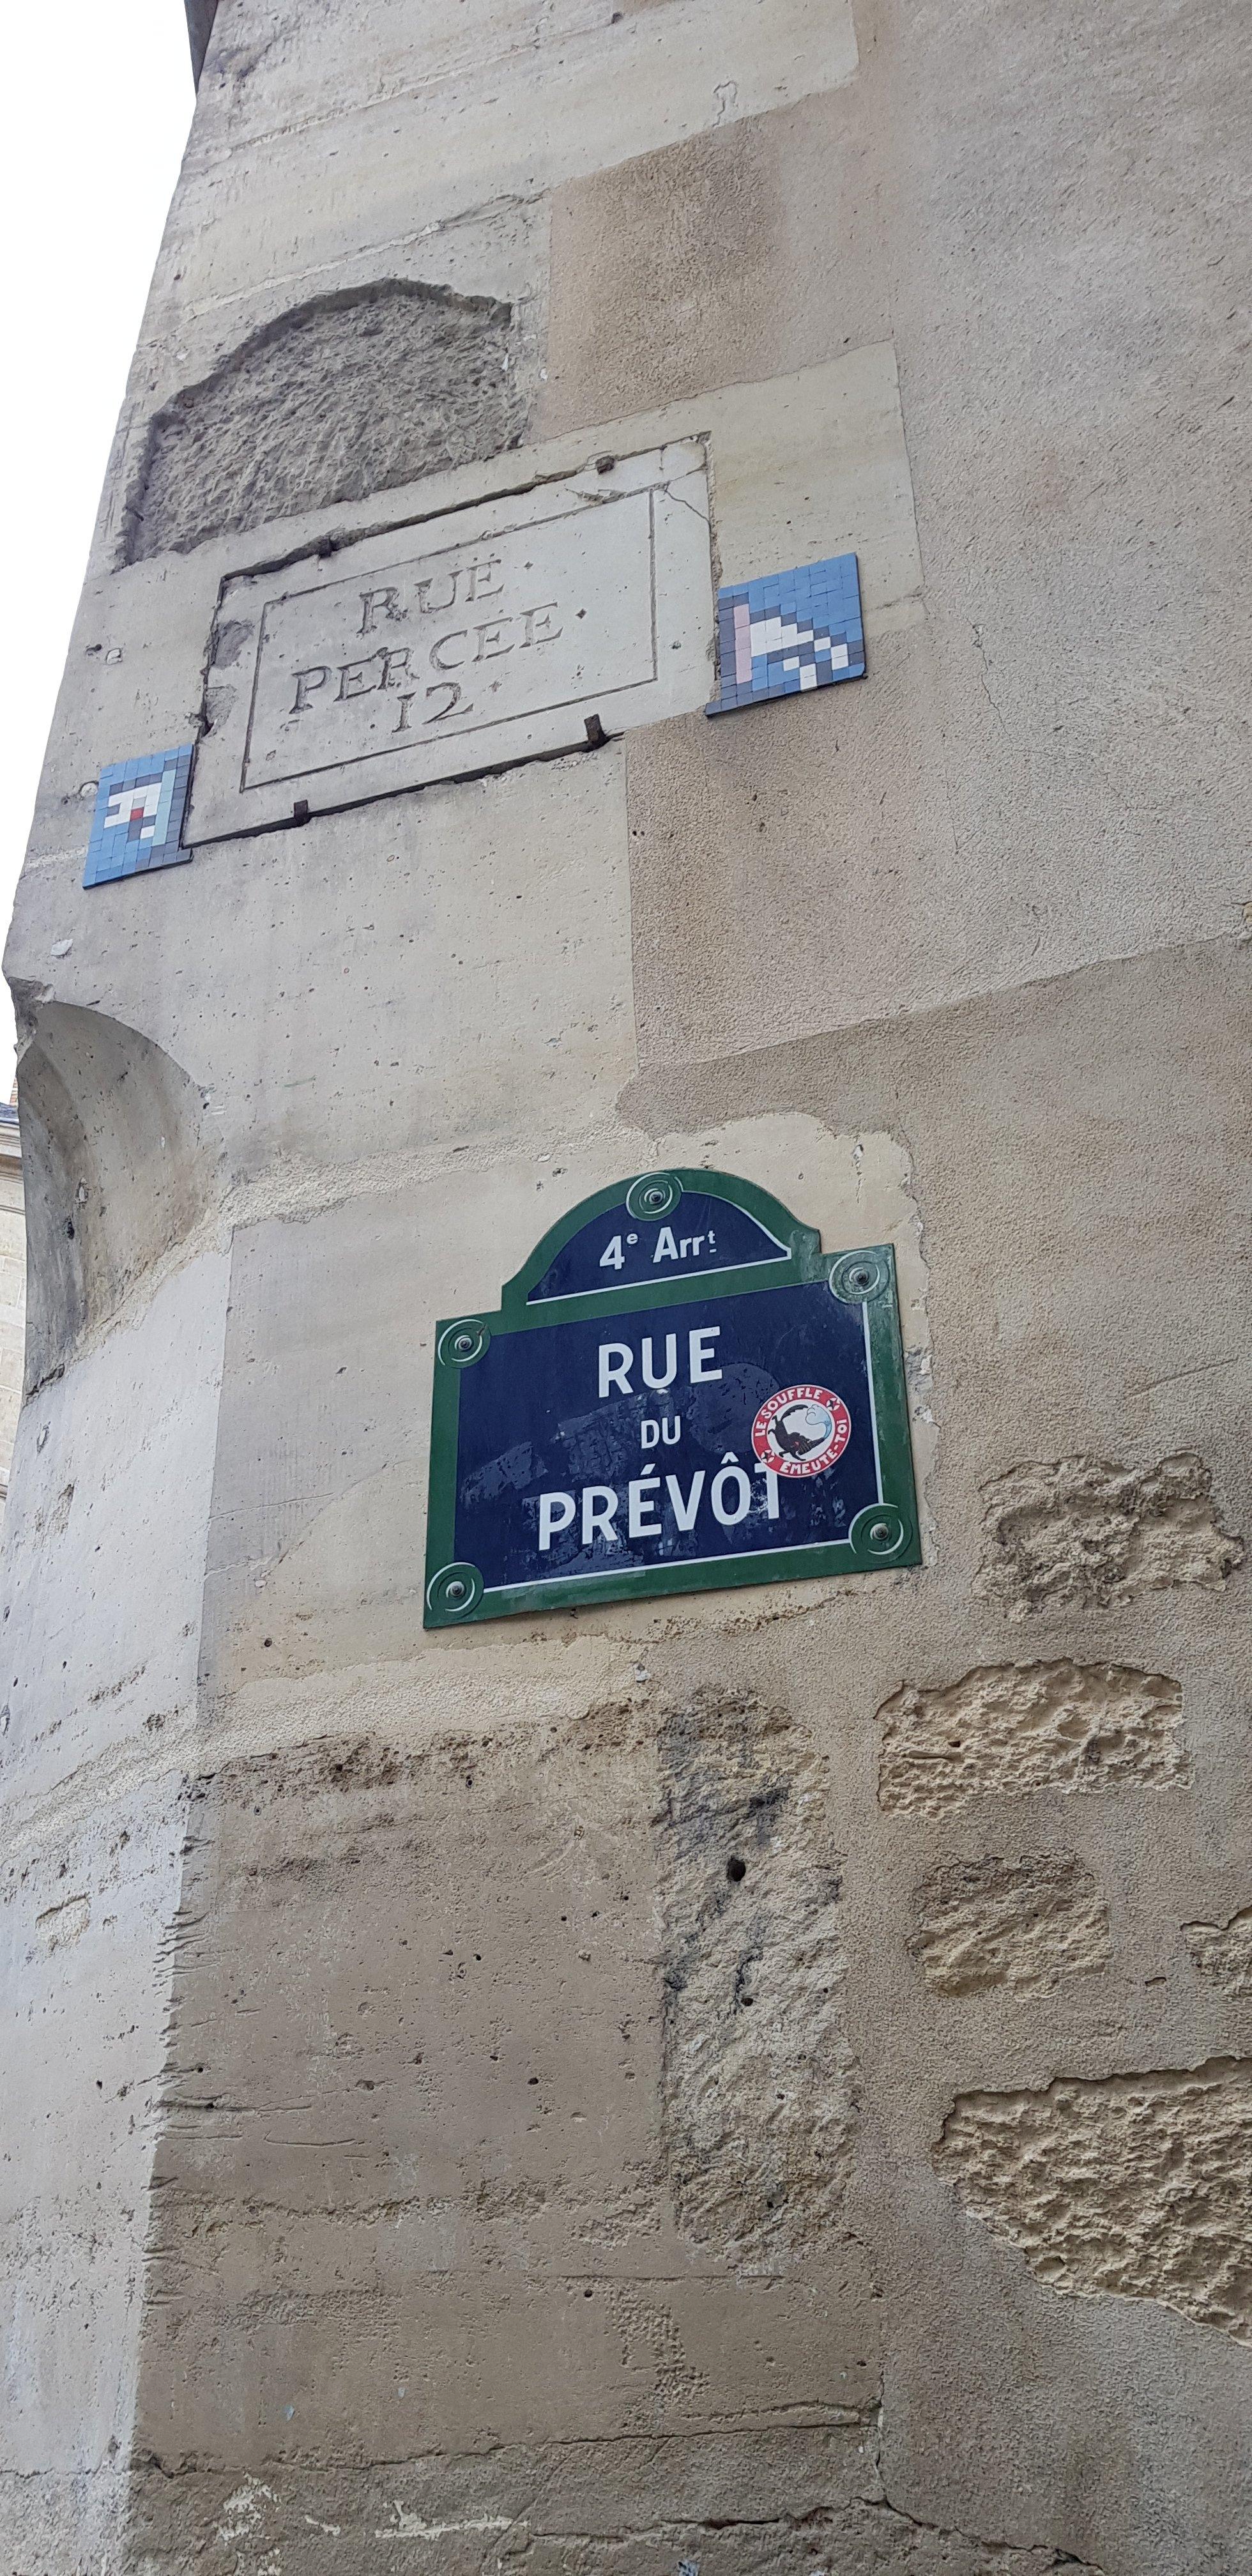 Photo on rue du prevot showing its plaque